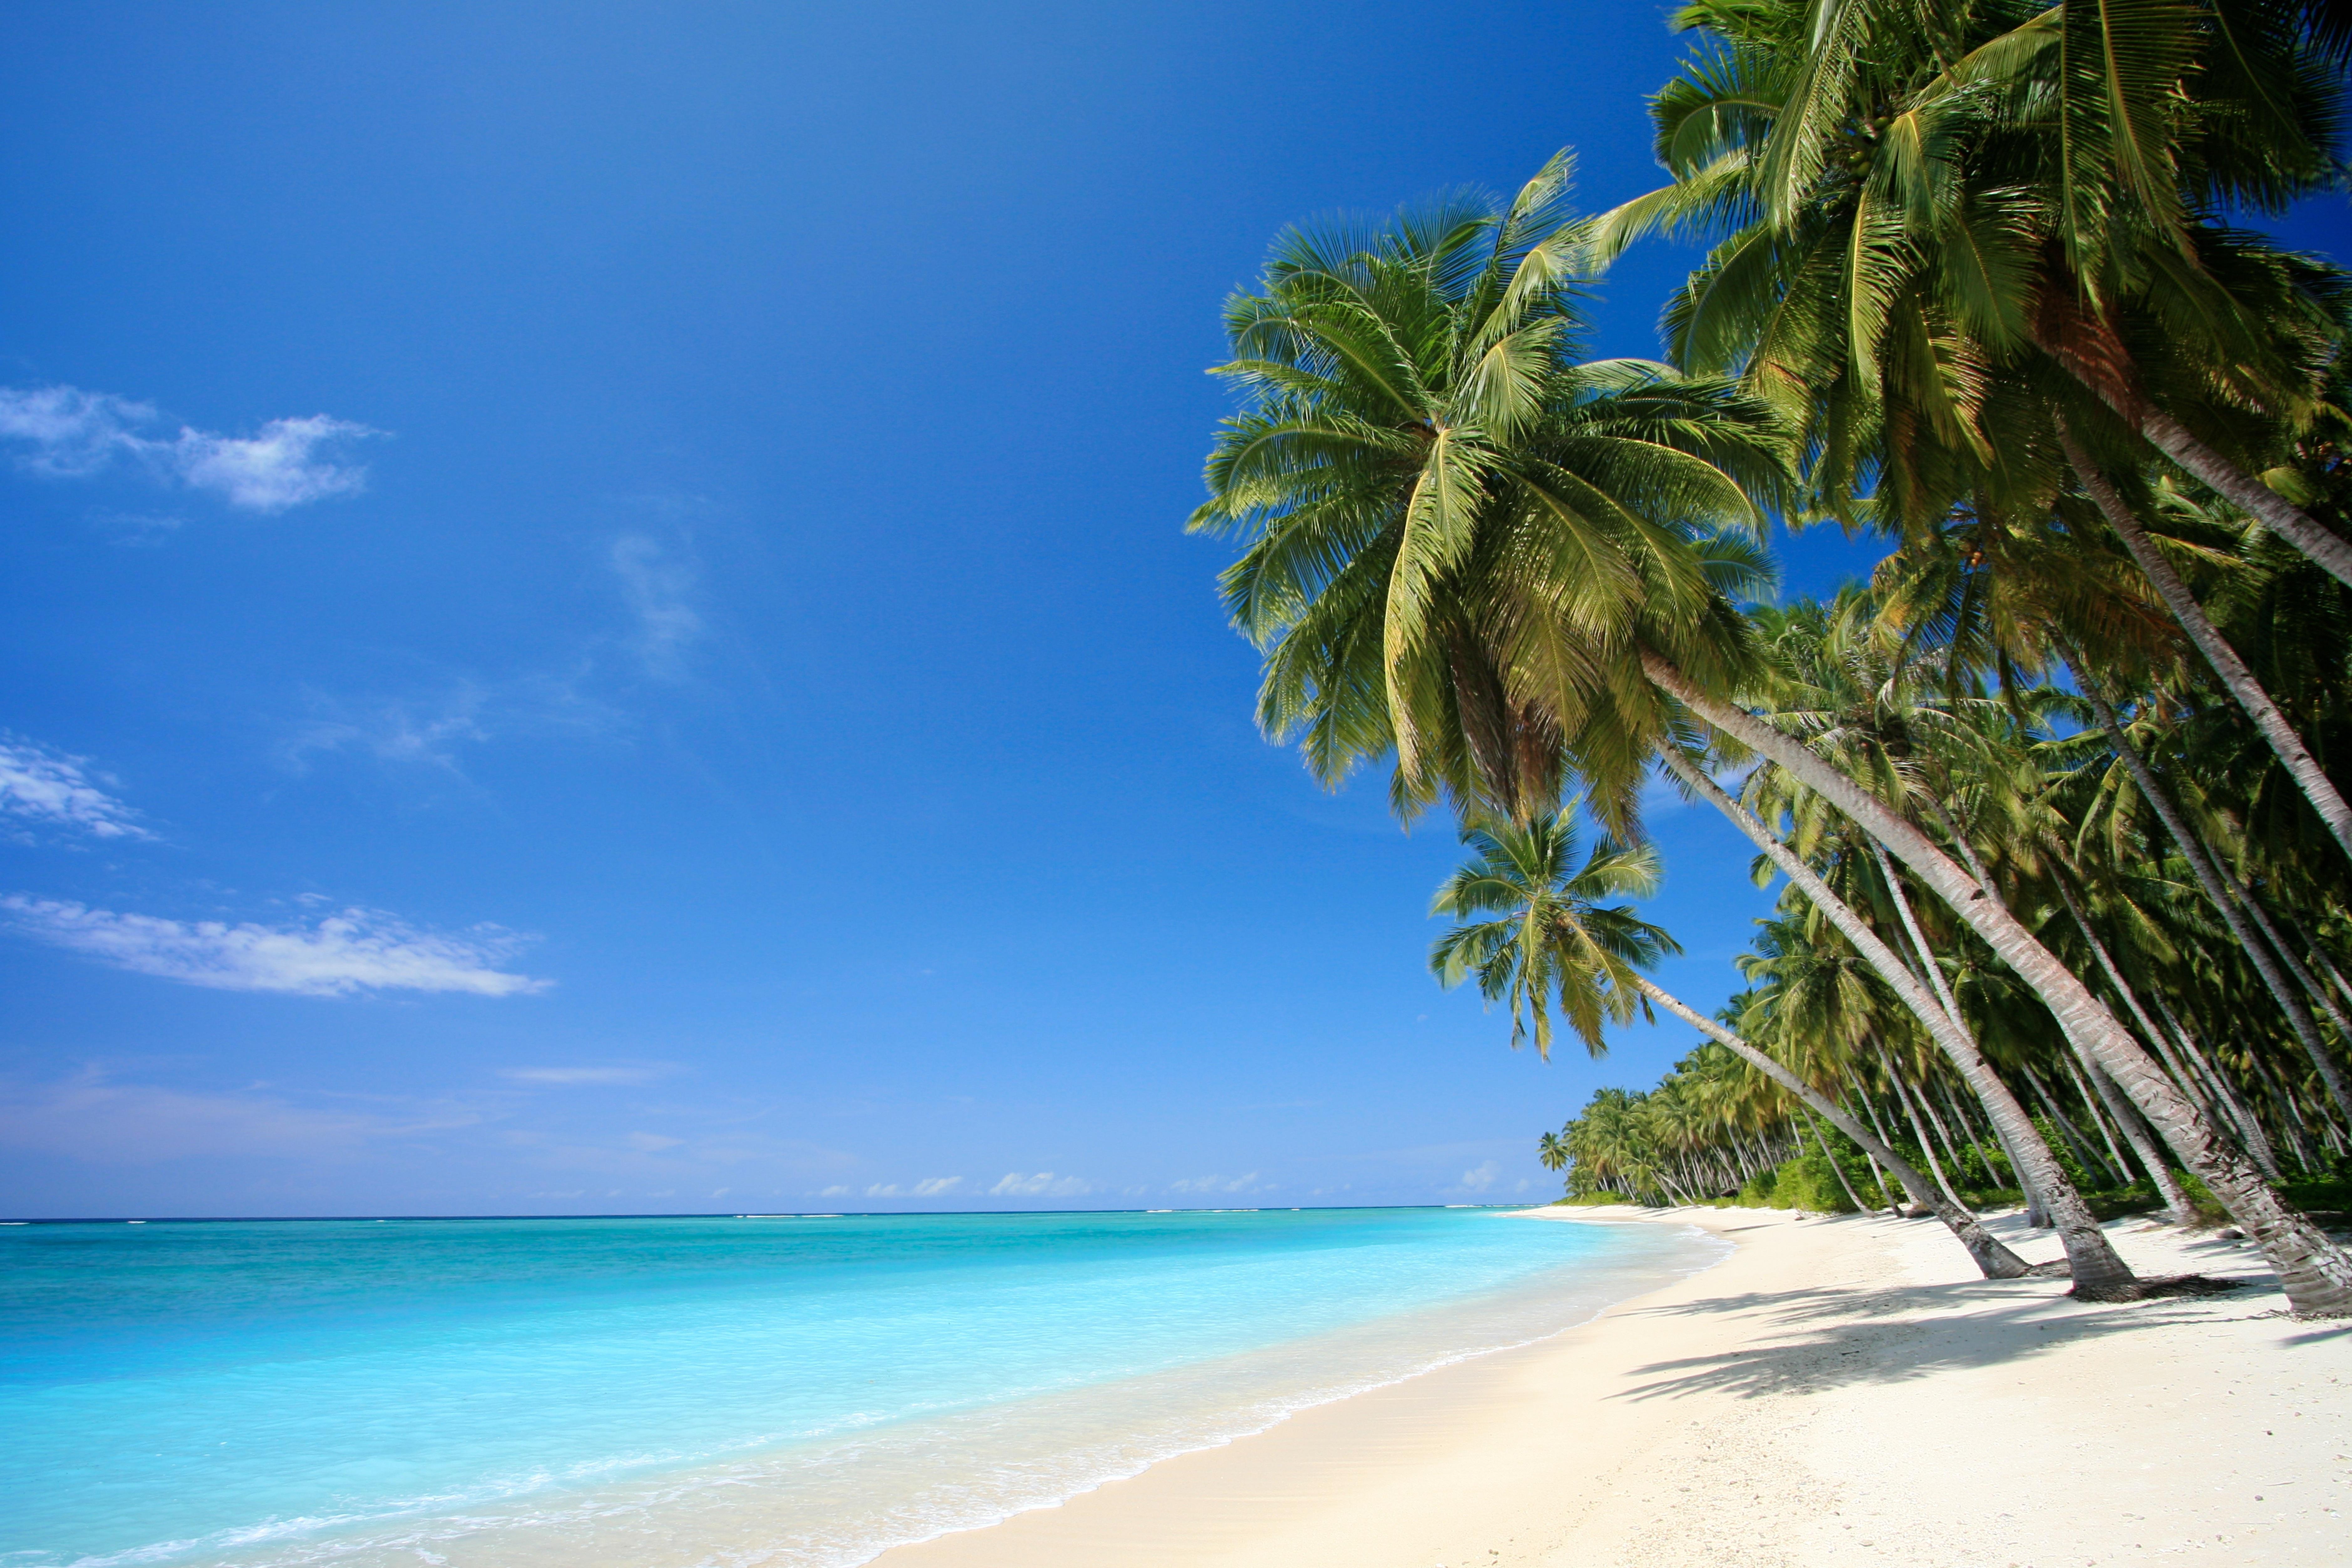 ... wallpaper, Tropical Beach Screensaver hd wallpaper, background desktop